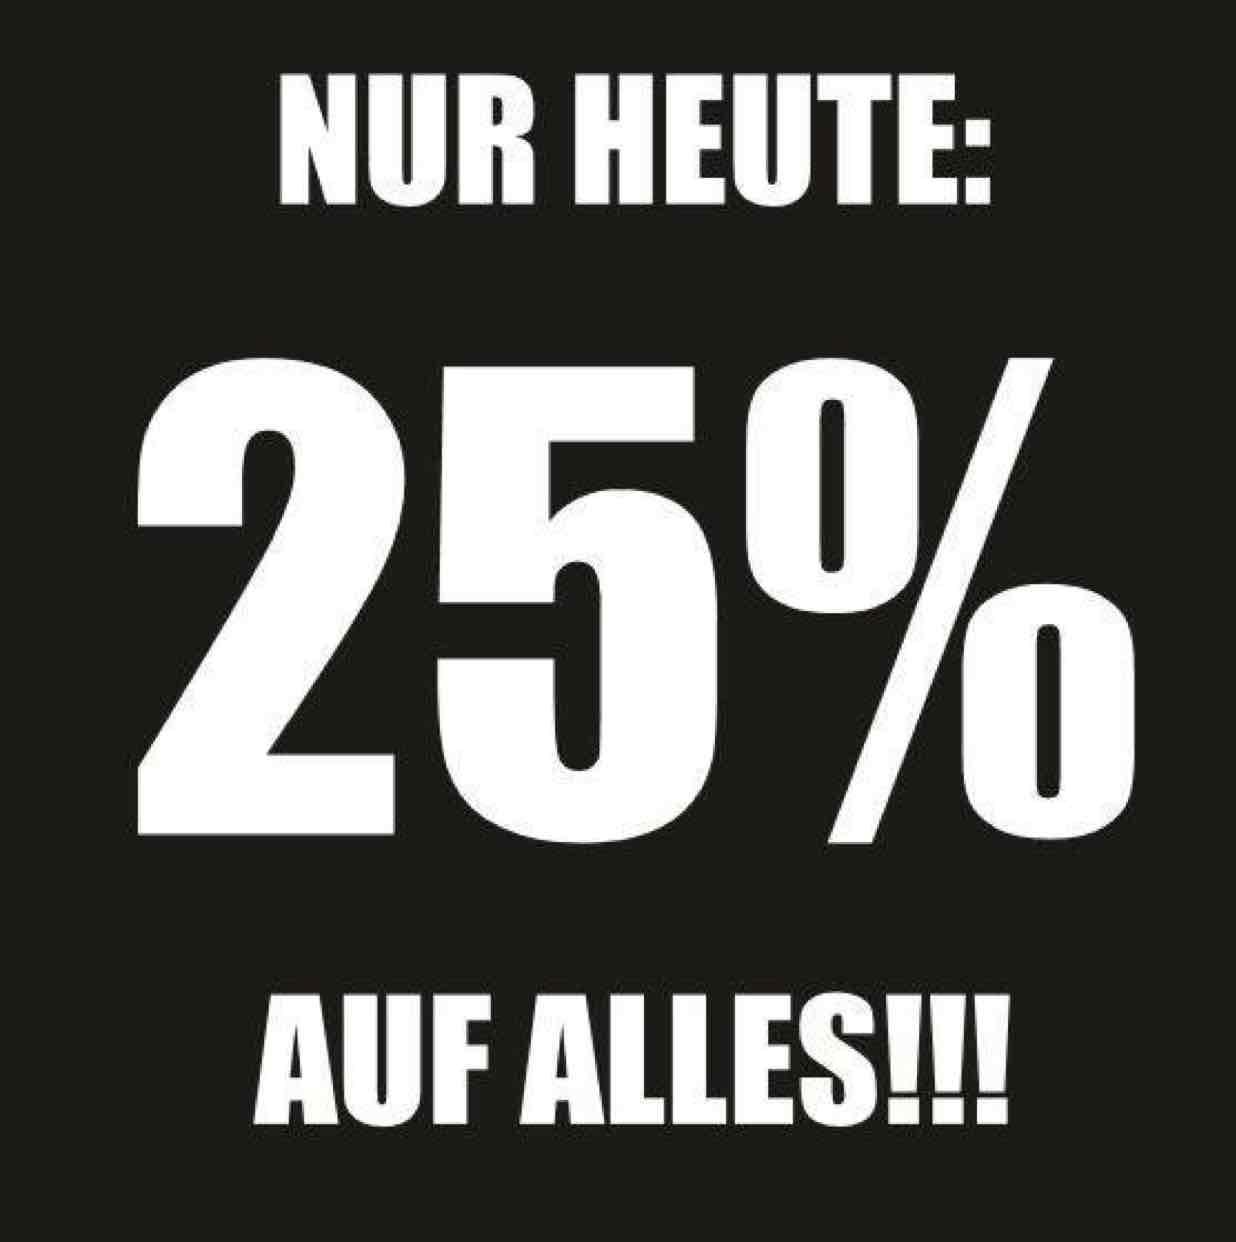 Superfriday 25% auf alles Lokal @ Schulze Siegen